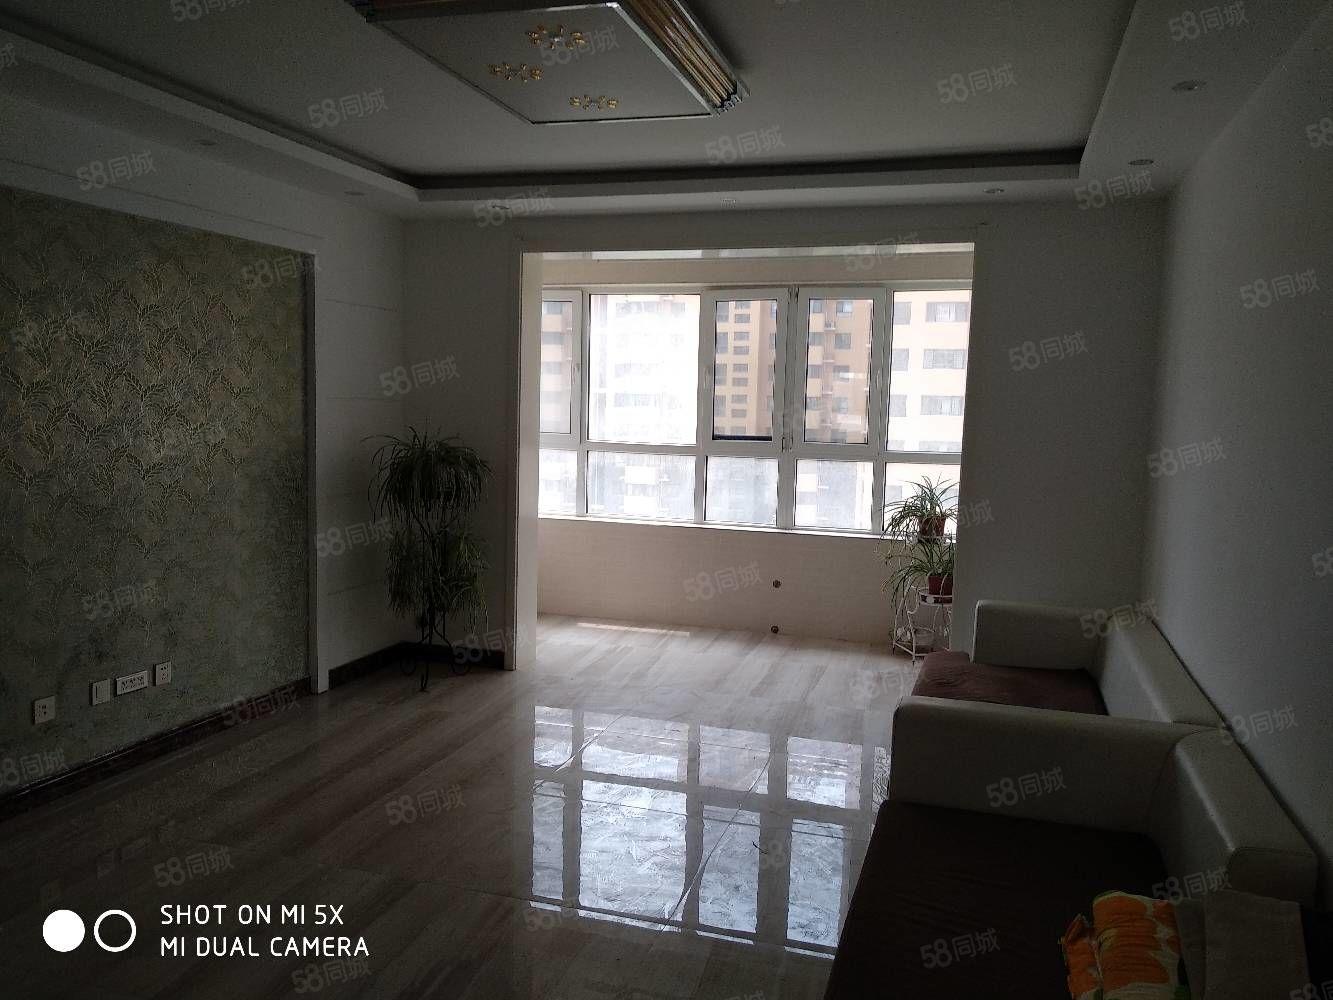 泰和世家六楼121平米有送面积149.5万